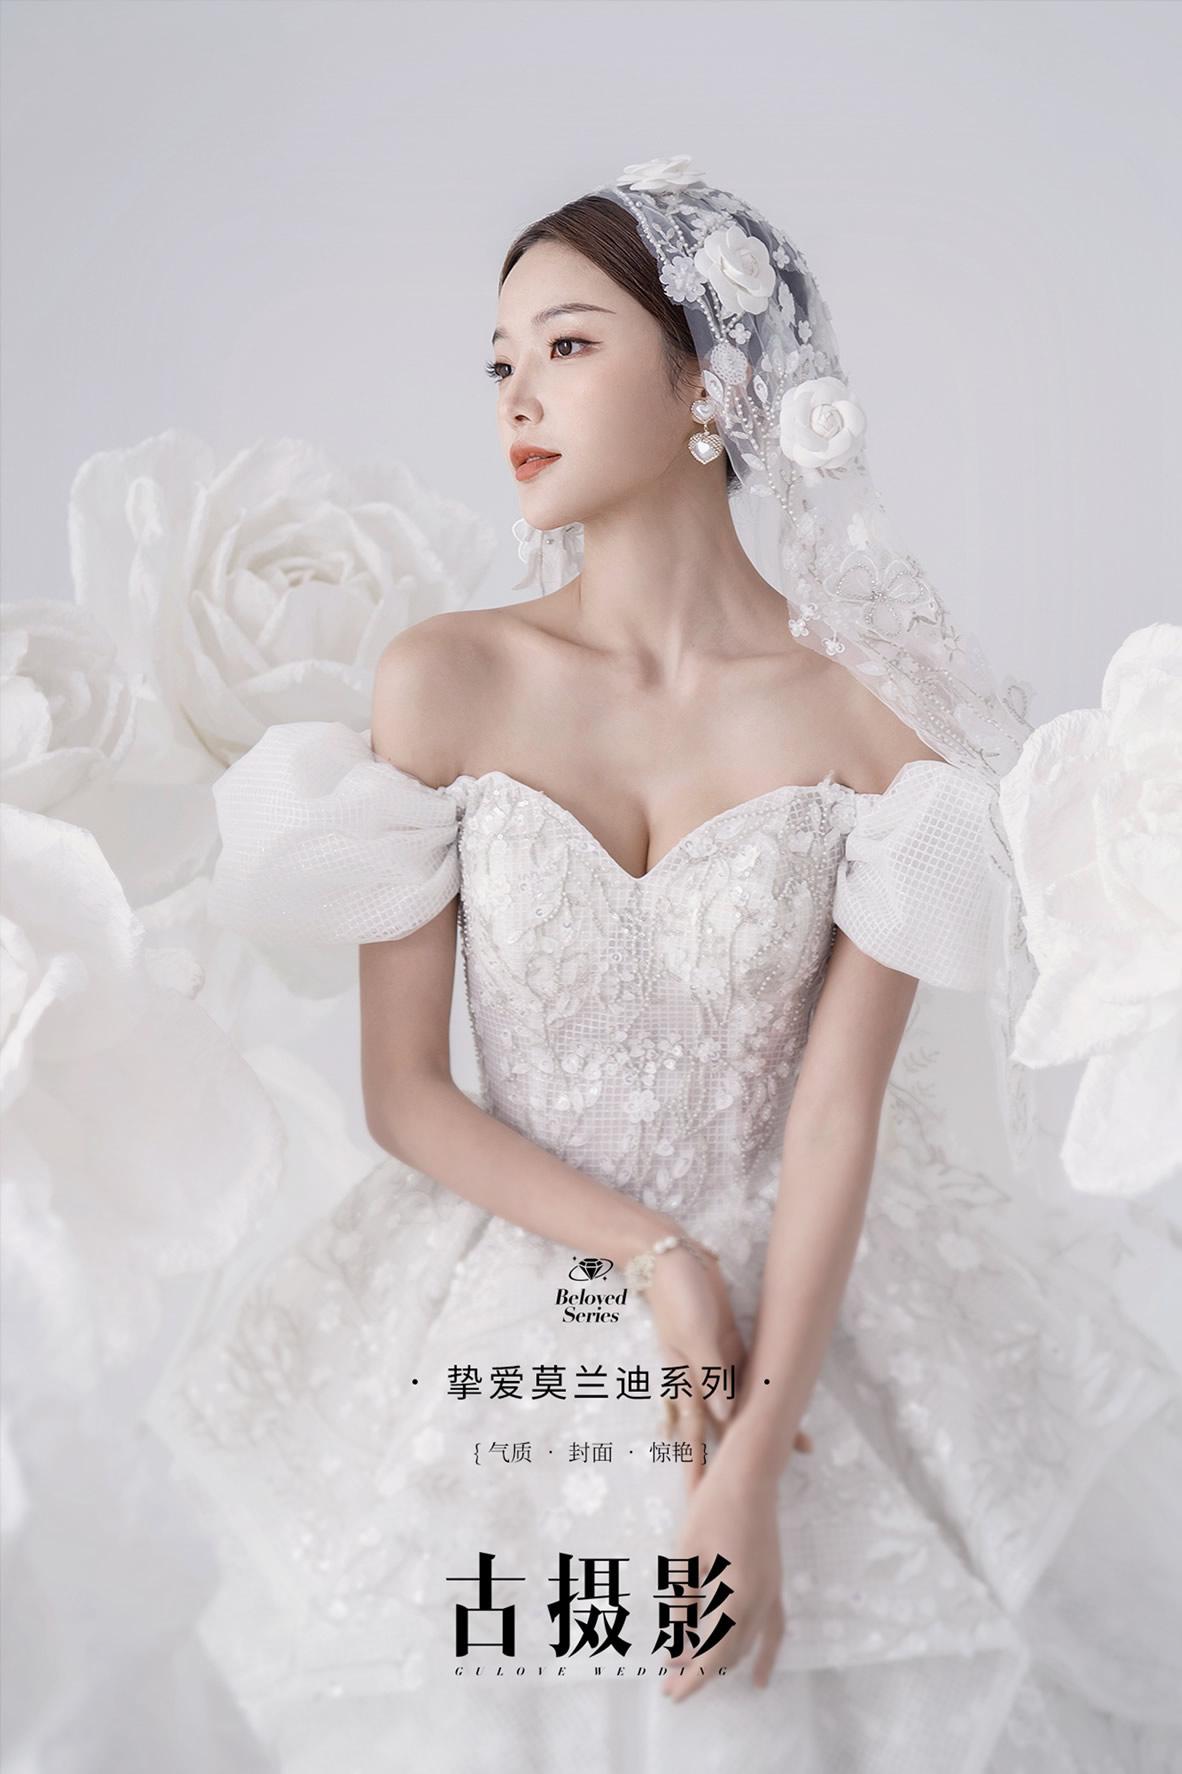 Camellia - 明星范 - 古摄影婚纱艺术-古摄影成都婚纱摄影艺术摄影网